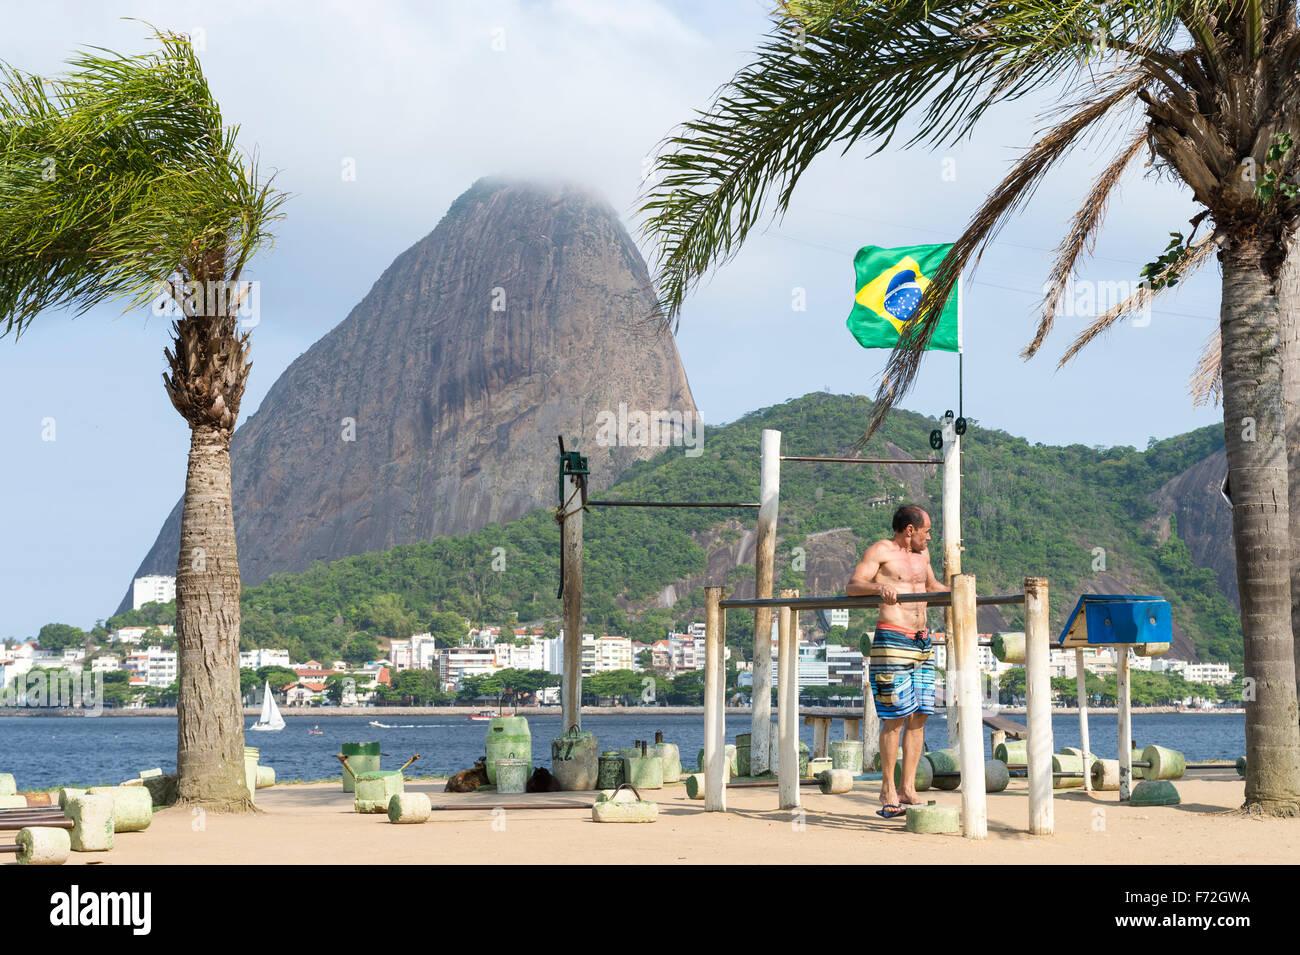 RIO DE JANEIRO, Brasile - 17 ottobre 2015: uomo brasiliano di esercizi per un allenamento all'aperto stazione Immagini Stock